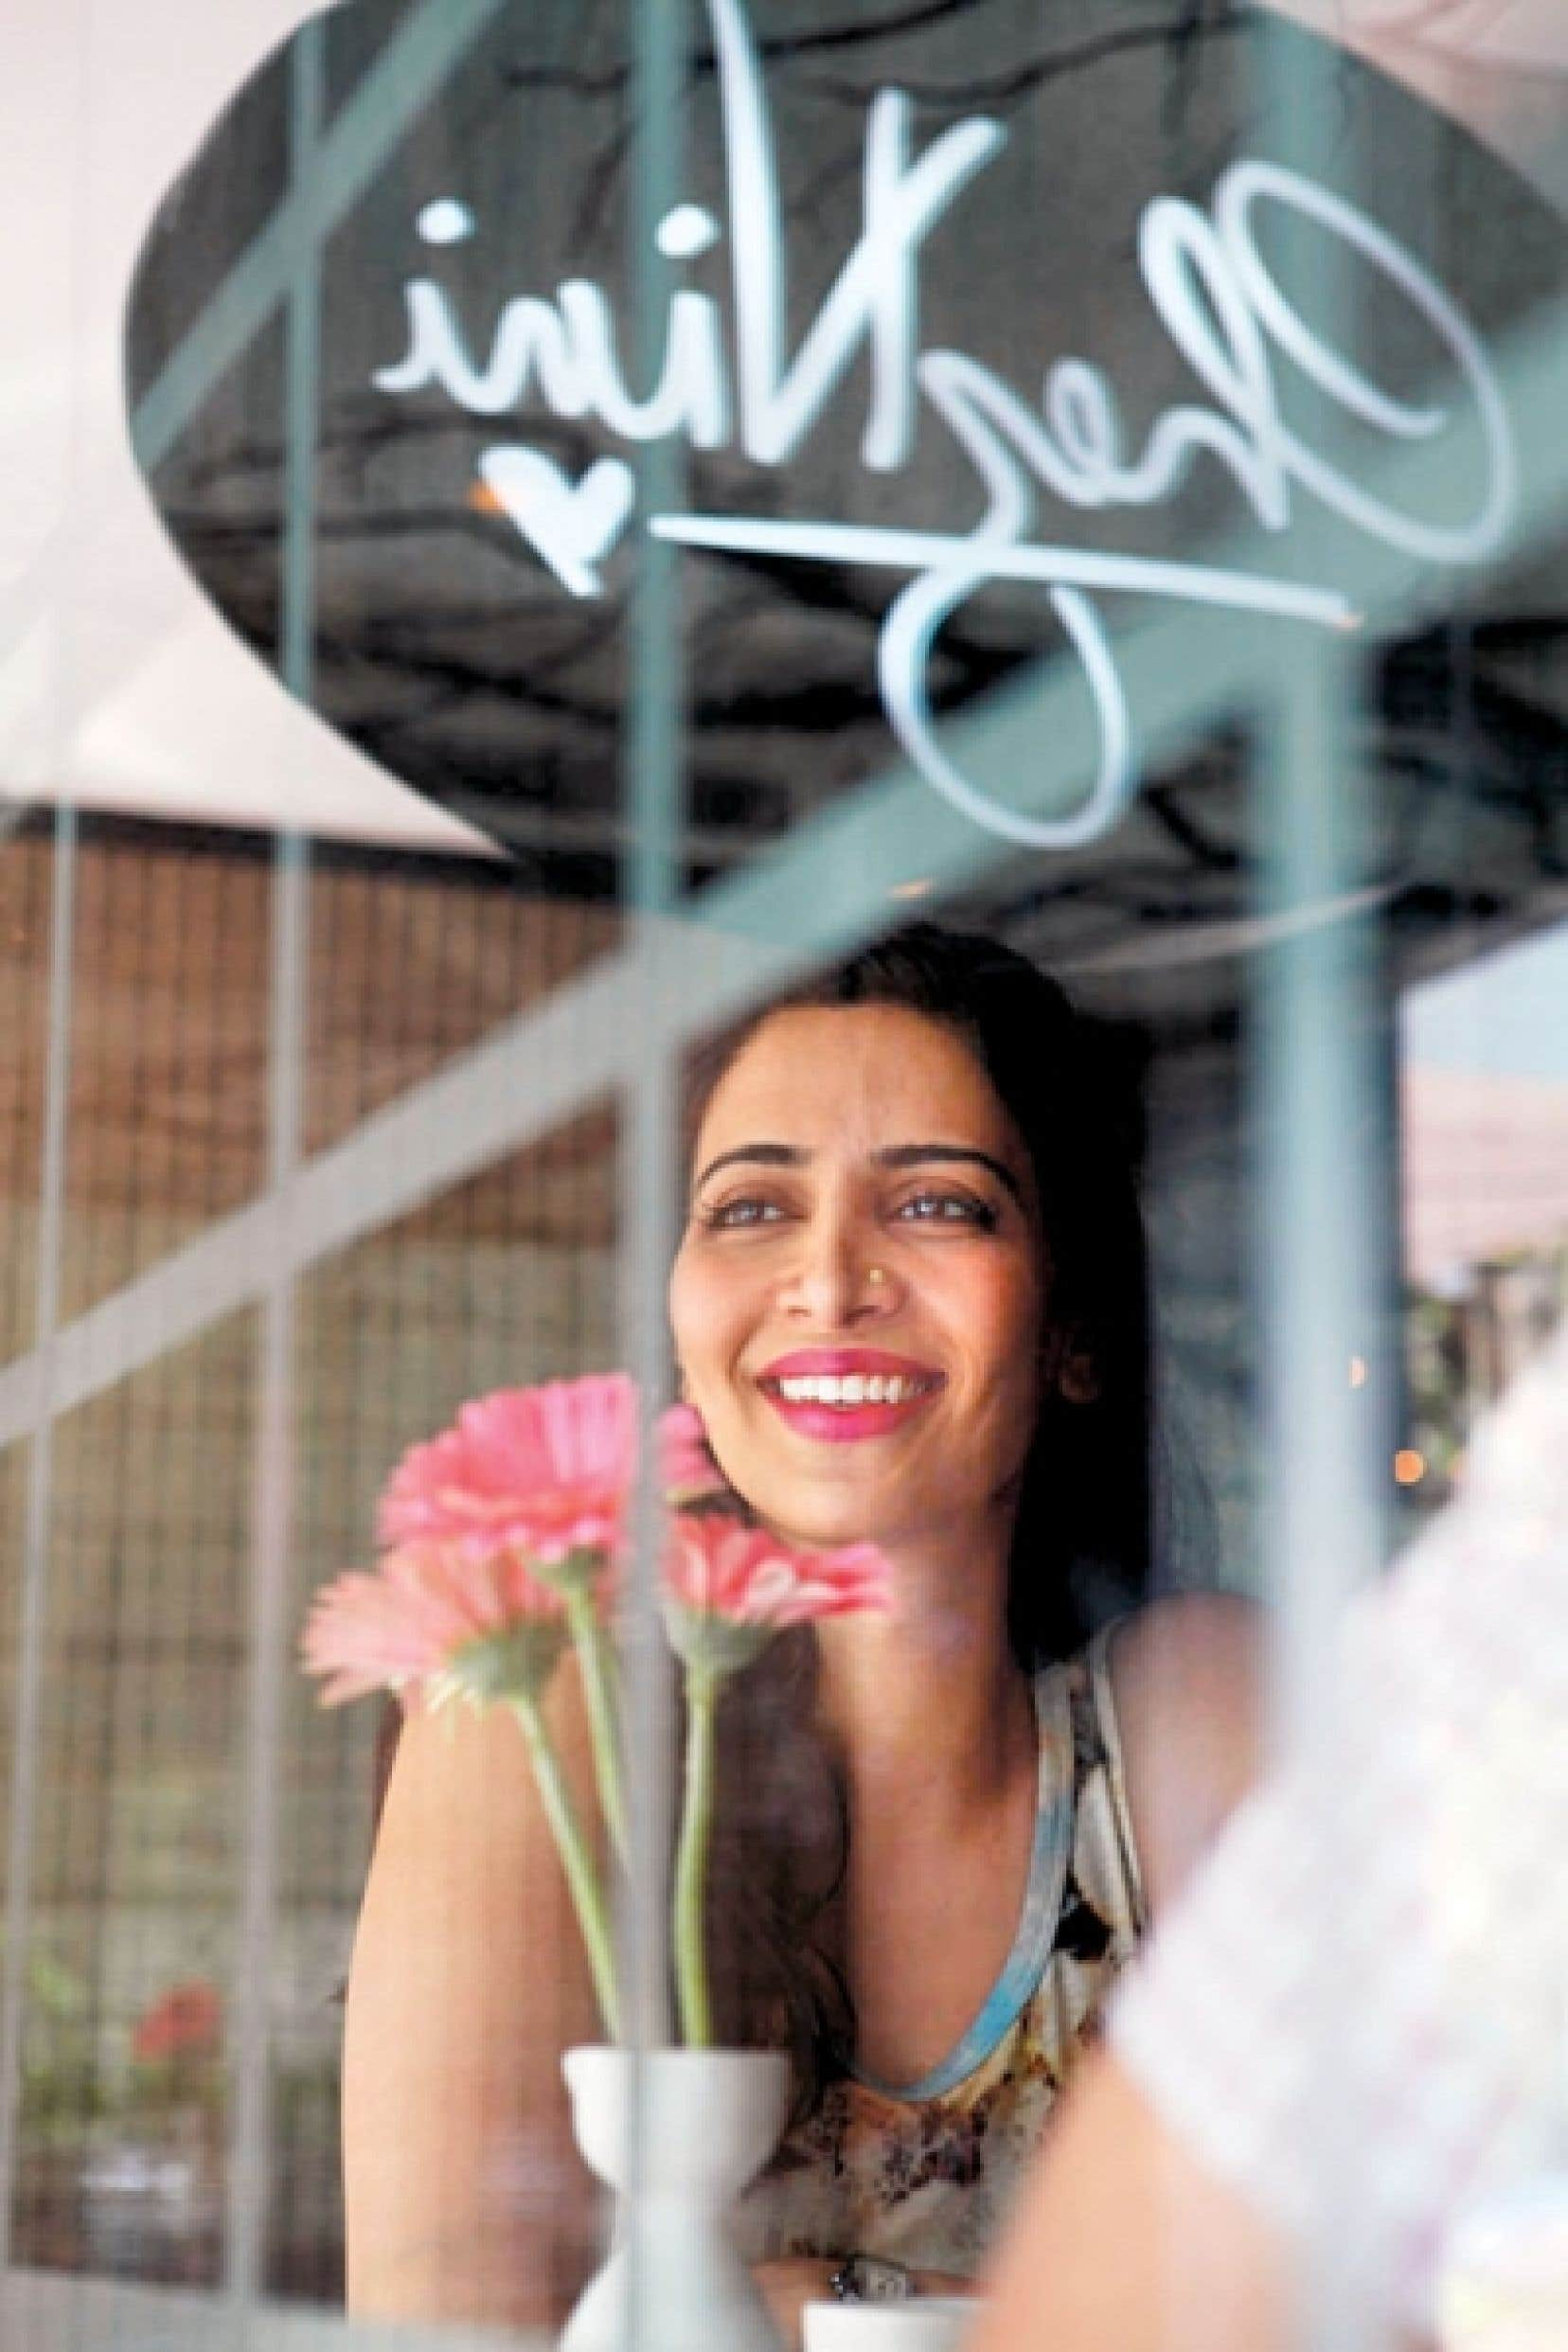 <div> Apr&egrave;s un cours de cuisine &agrave; l&rsquo;ITHQ, Nira Singh est partie en Inde pour un stage de quatre mois dont elle n&rsquo;est jamais revenue. La jeune femme a ouvert un restaurant dans le pays d&rsquo;origine de ses parents.</div>